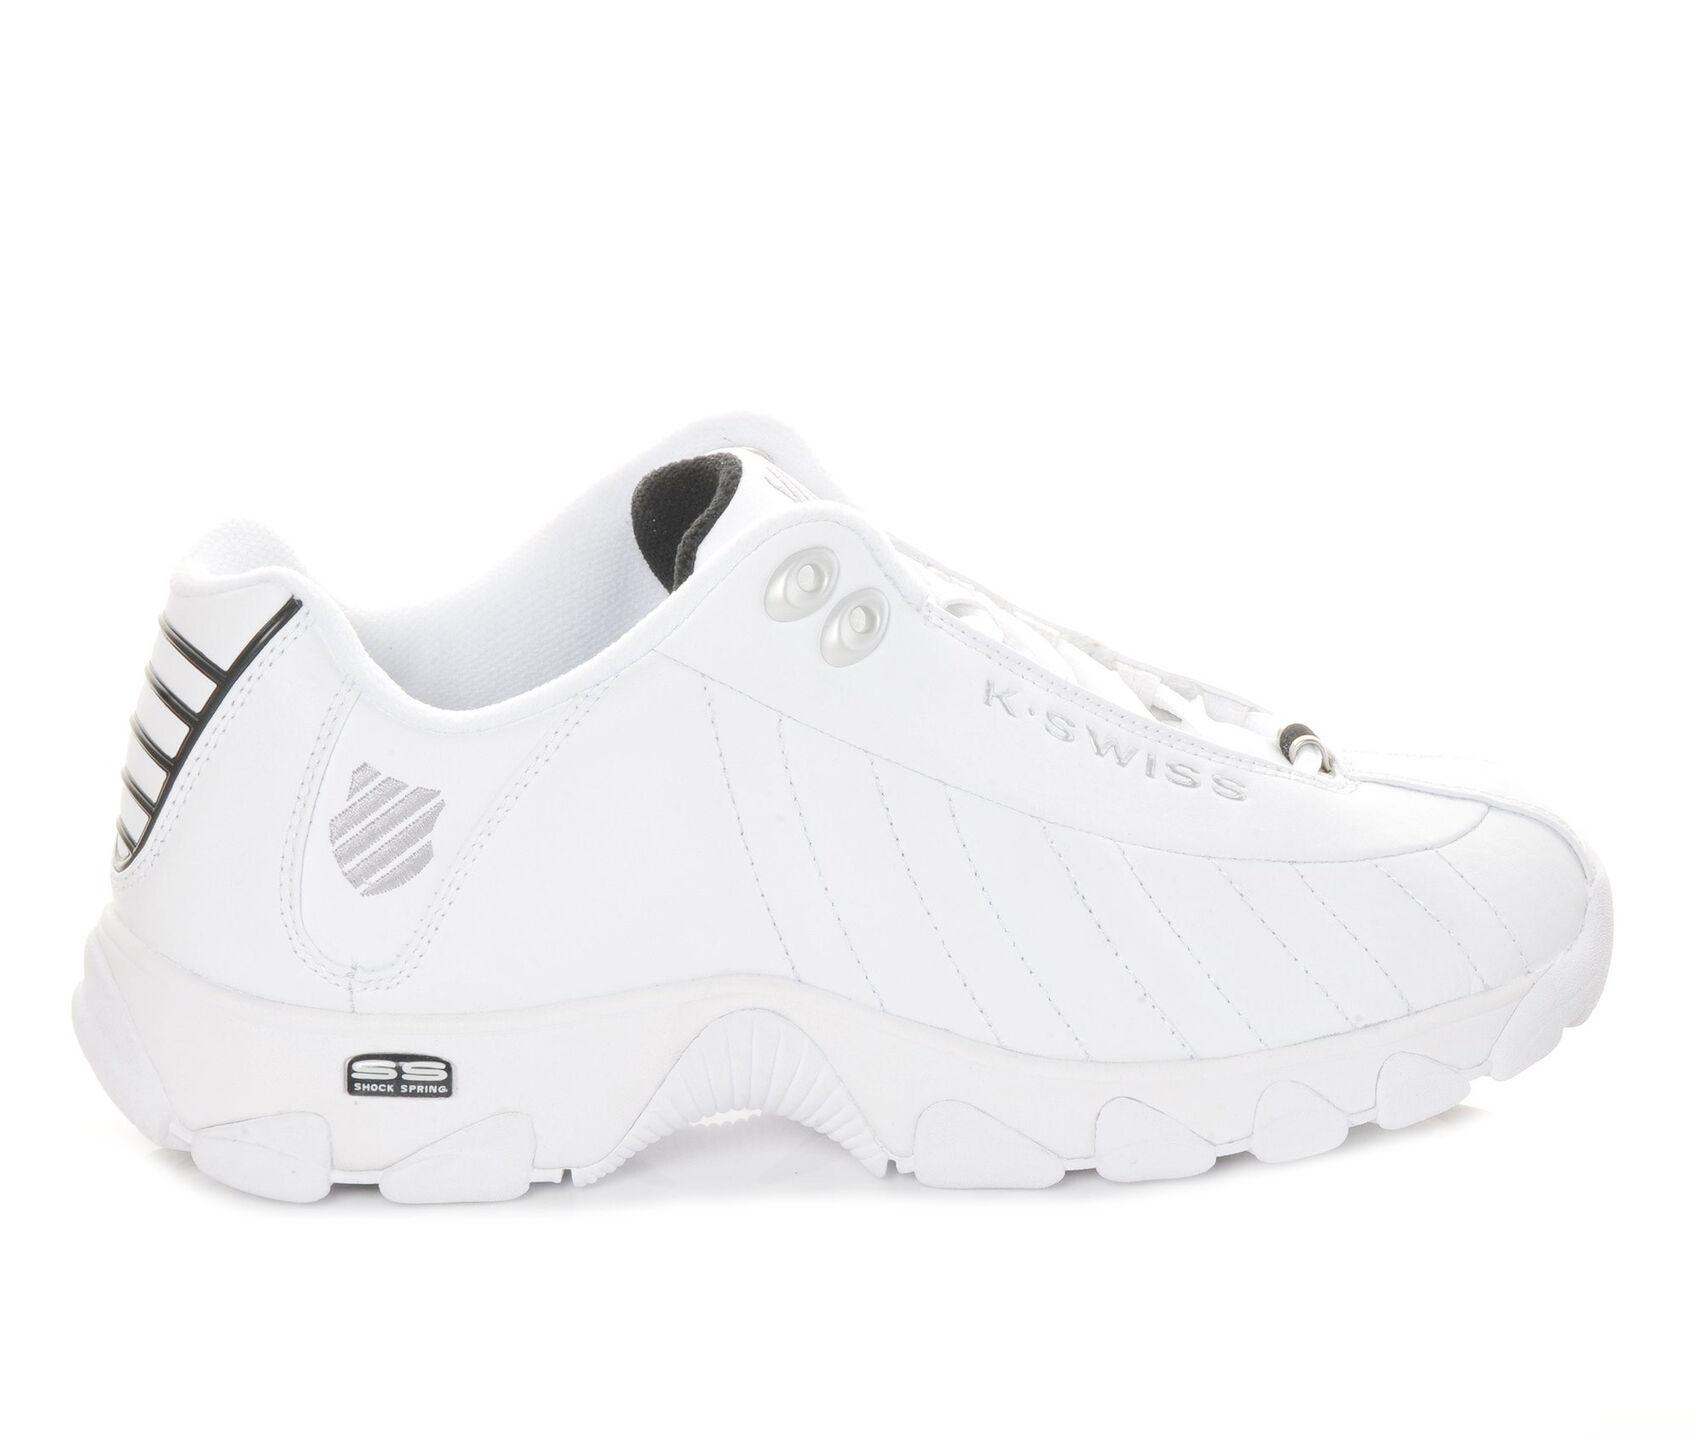 c34457de49ae Men s K-Swiss ST329 Comfort Tennis Shoes